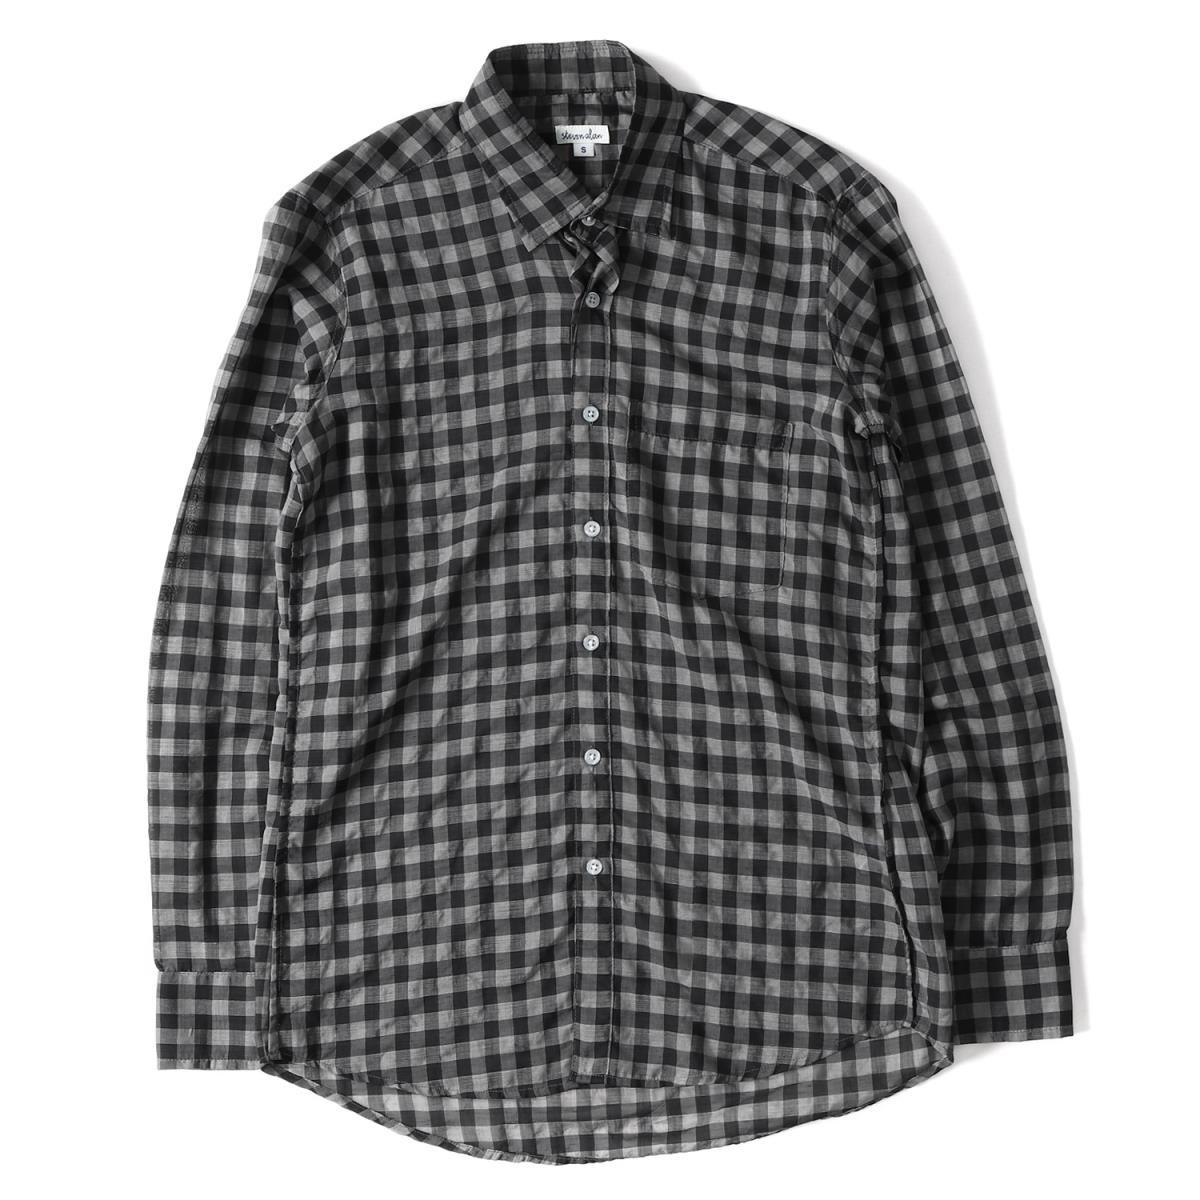 STEVEN ALAN (スティーブンアラン) ギンガムチェックボタンシャツ ブラック×グレー S 【メンズ】【美品】【K2066】【中古】